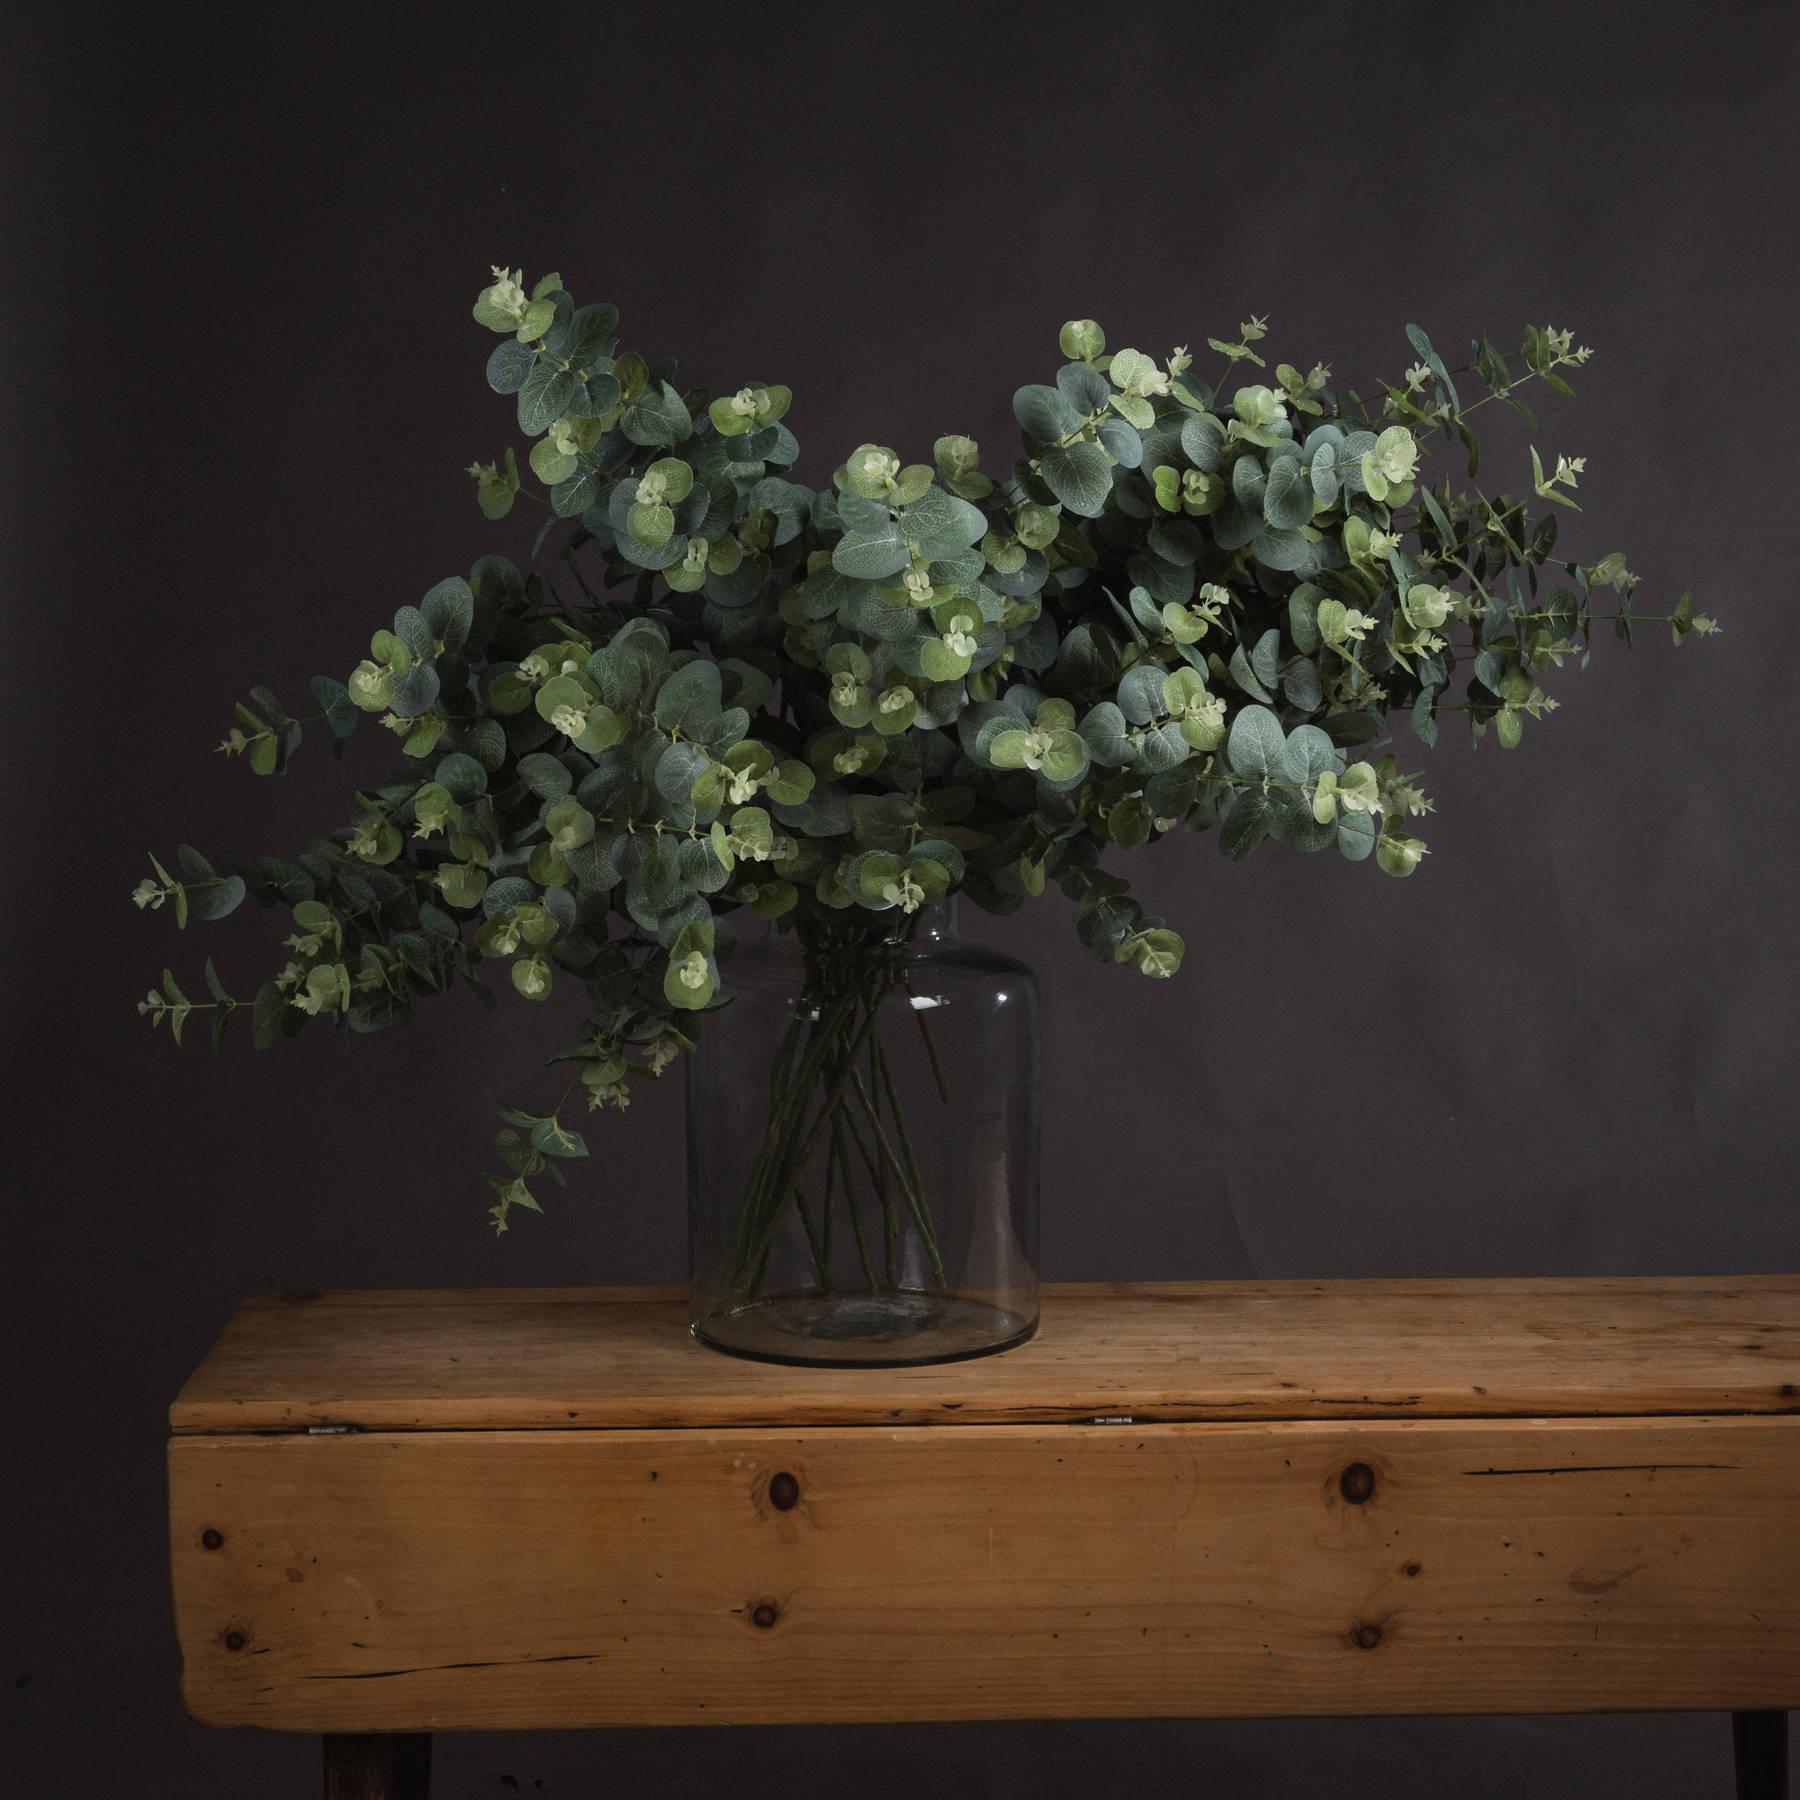 Eucalyptus Spray - Image 1